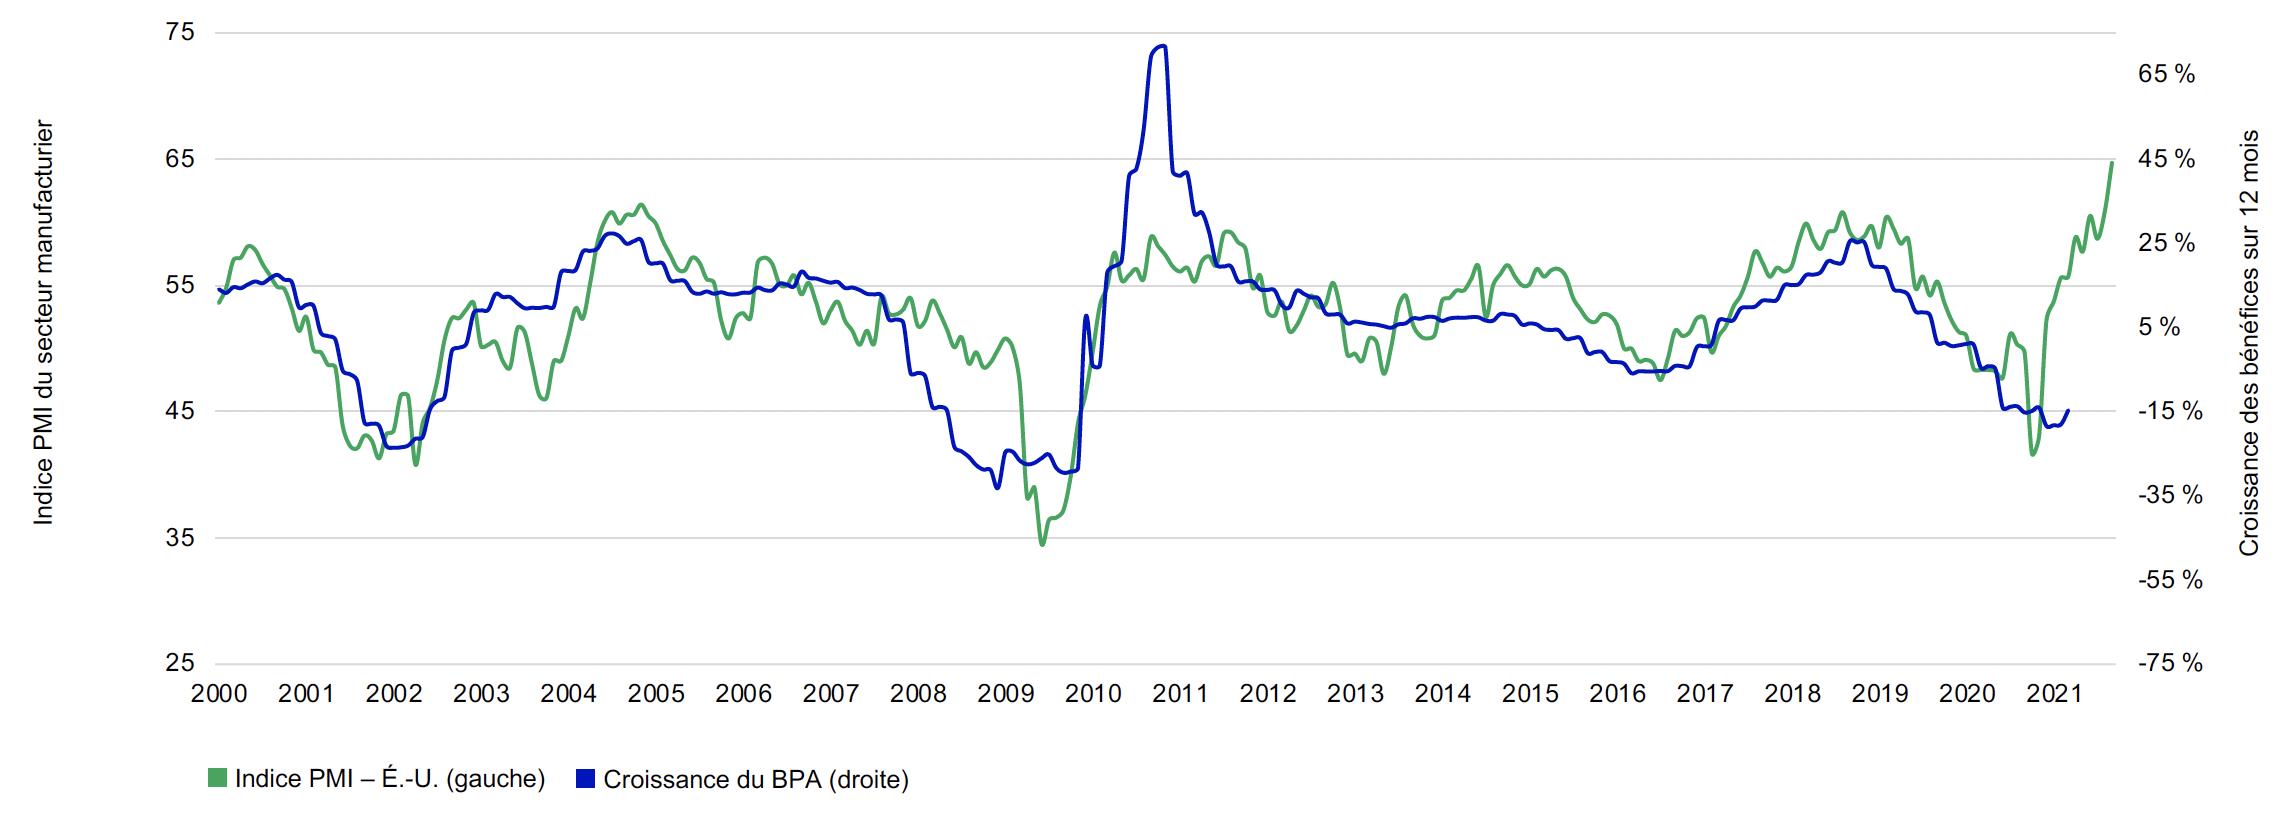 Ce graphique illustre l'étroite corrélation historique entre la croissance des bénéfices aux États-Unis et l'indice ISM Purchasing Managers, avec un décalage de six mois. Les données vont de 2000 au 31 mars 2021. Au niveau actuel de 64,7, l'indice PMI laisse présager une forte croissance des bénéfices en 2021.